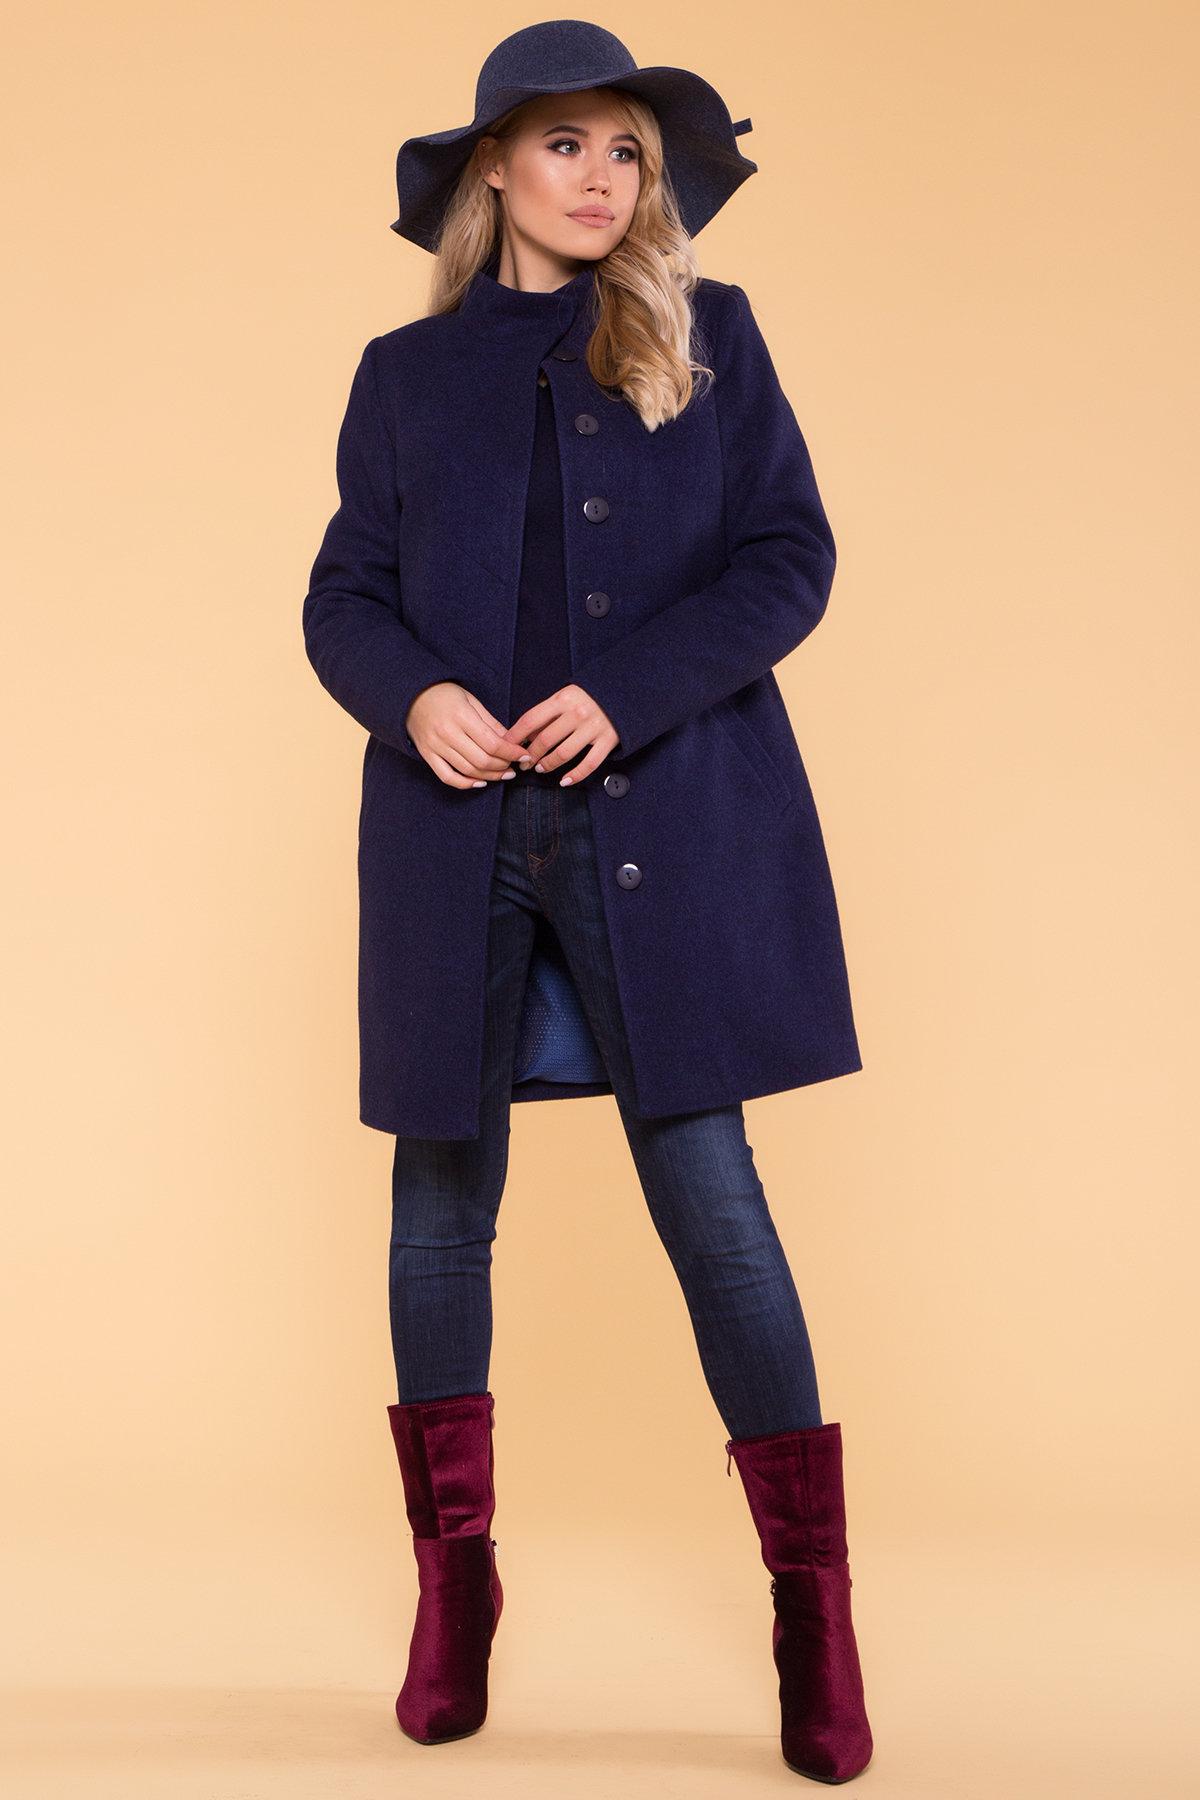 Зимнее пальто с хомутом Фортуна лайт 5802 АРТ. 40536 Цвет: Т.синий 17 - фото 3, интернет магазин tm-modus.ru